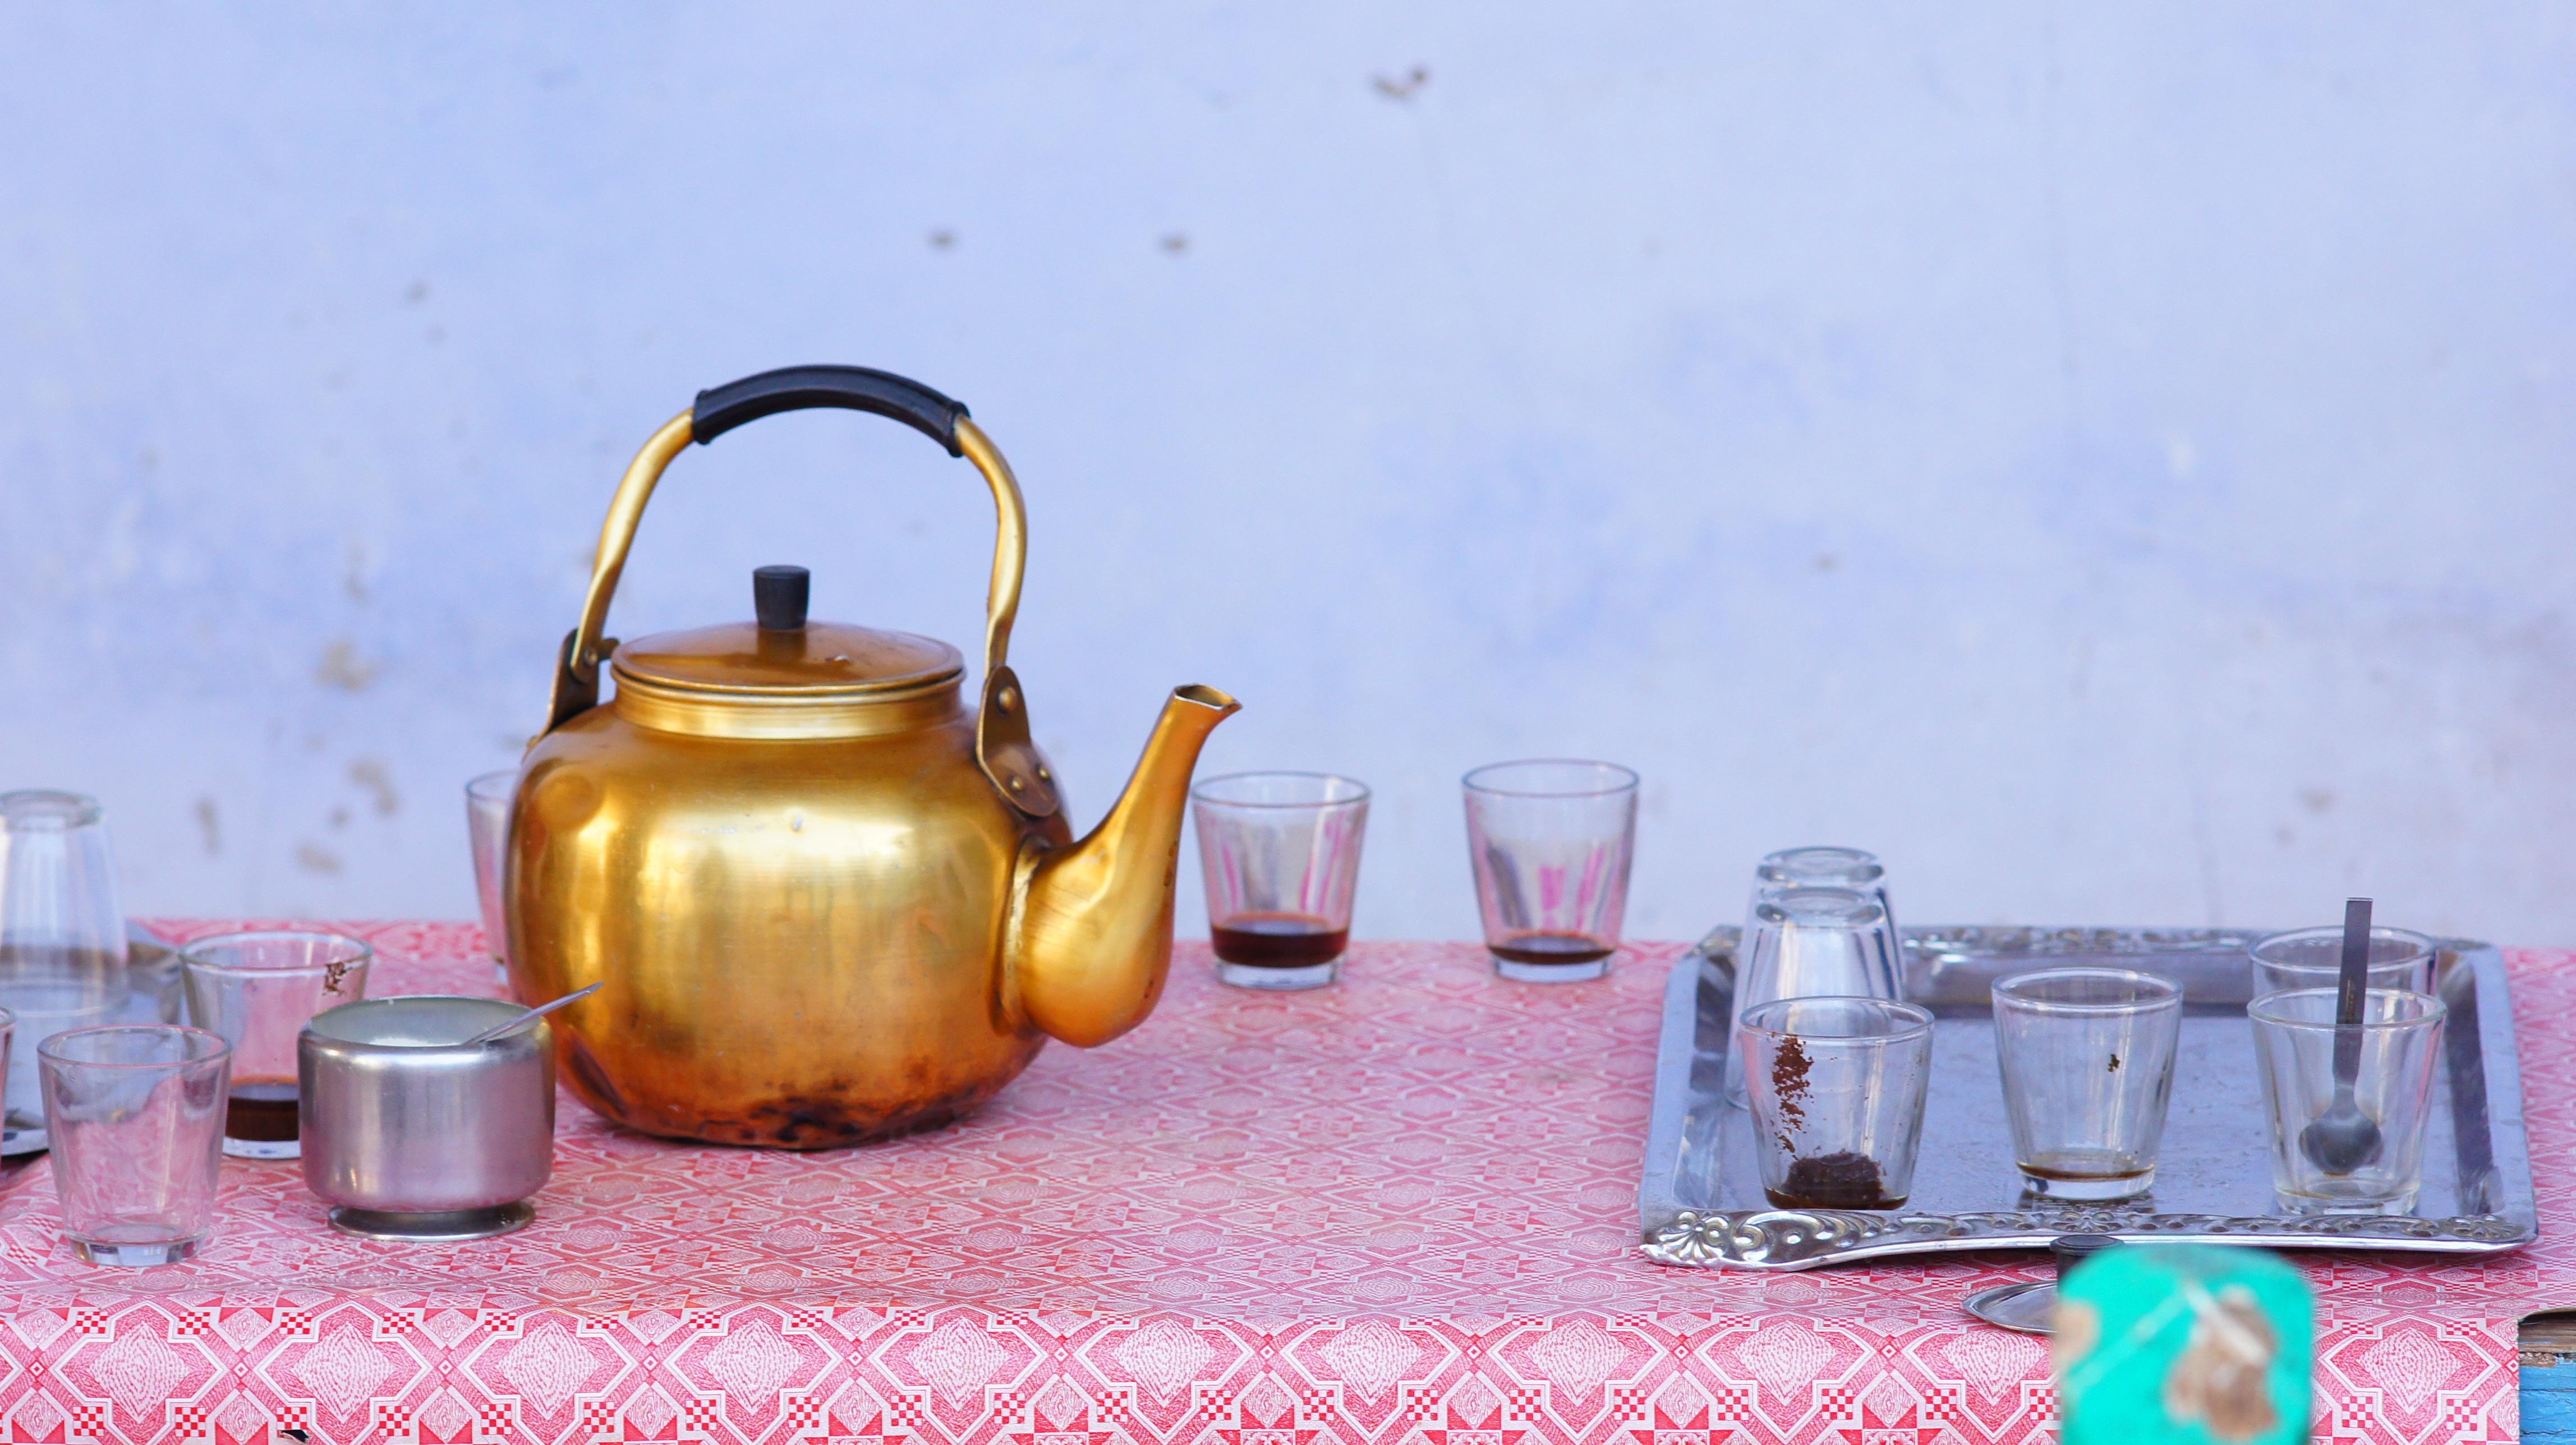 всегда картинки египетское чаепитие будет проделано все